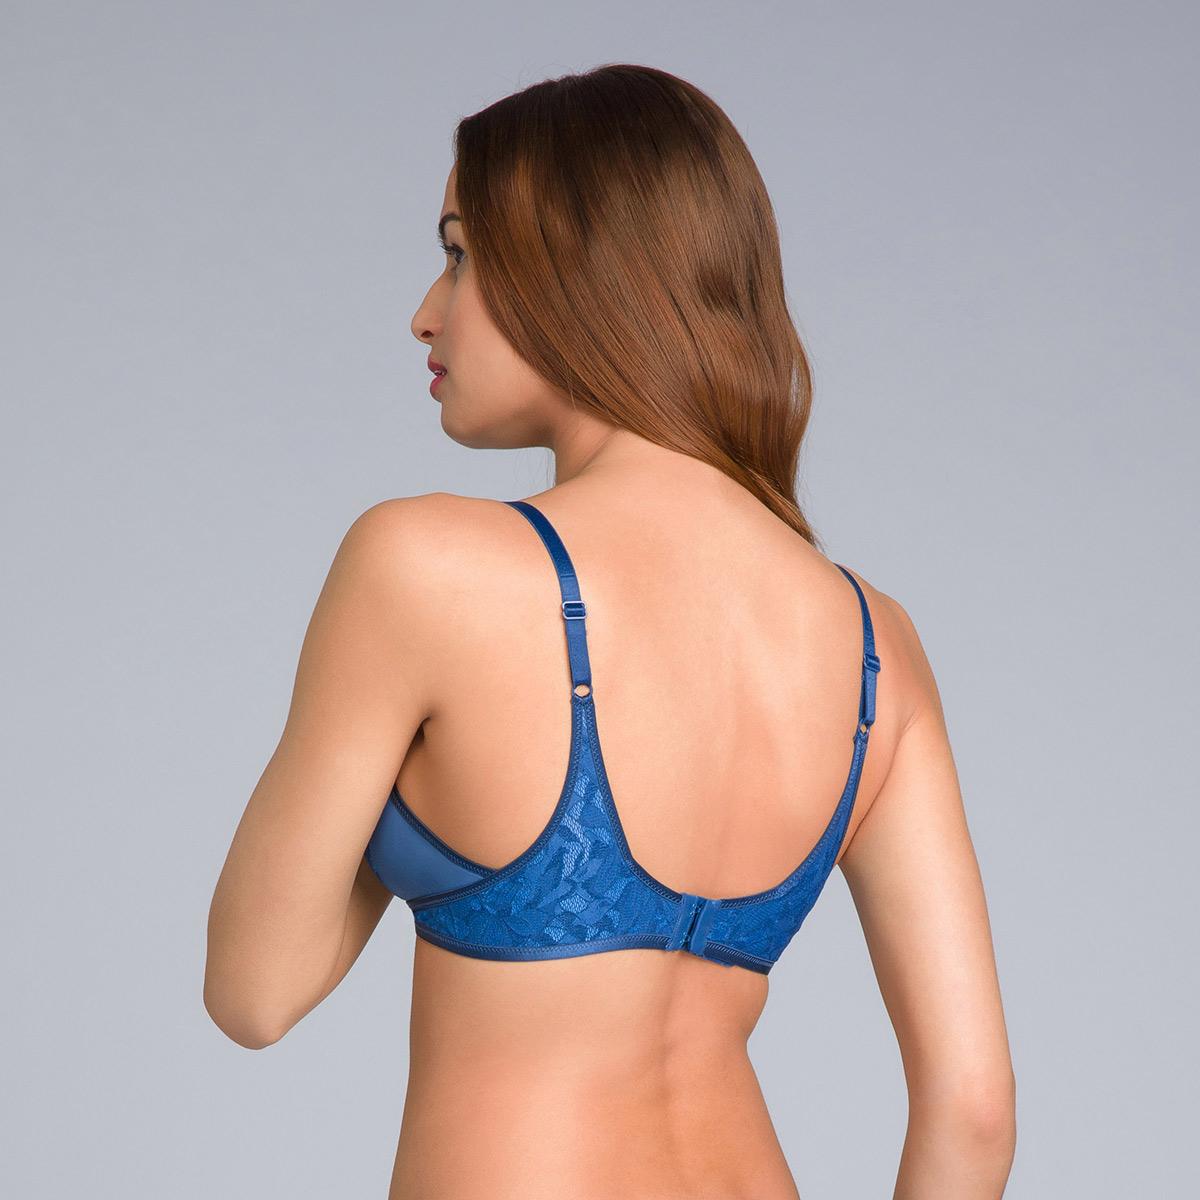 Soutien-gorge sans armatures bleu marine - Ideal Beauty Lace, , PLAYTEX